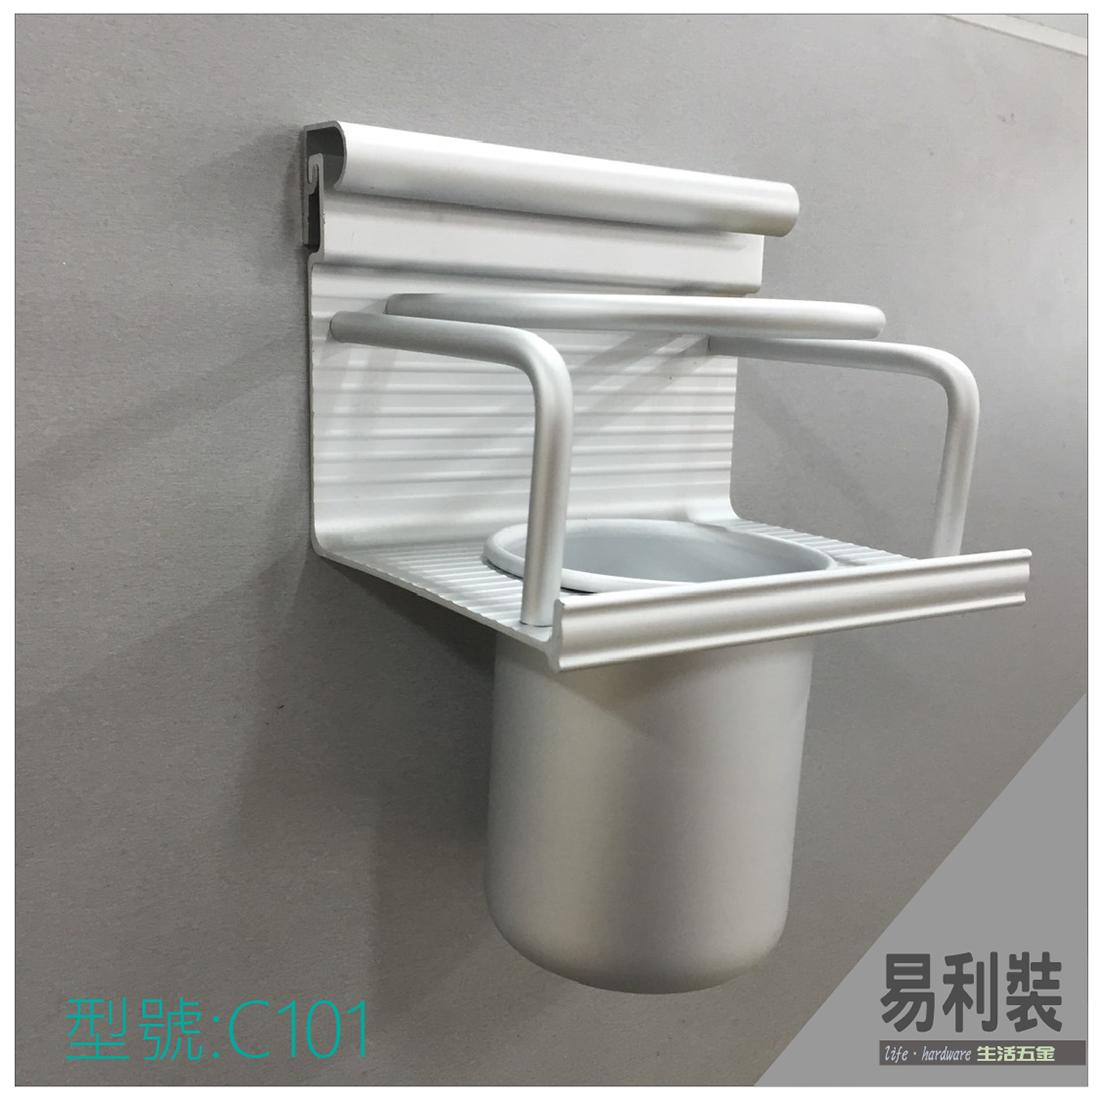 【 EASYCAN  】C101 15cm單杯架 易利裝生活五金 鋁合金 廚房 餐廳 房間 浴室 小資族 辦公家具 系統家具